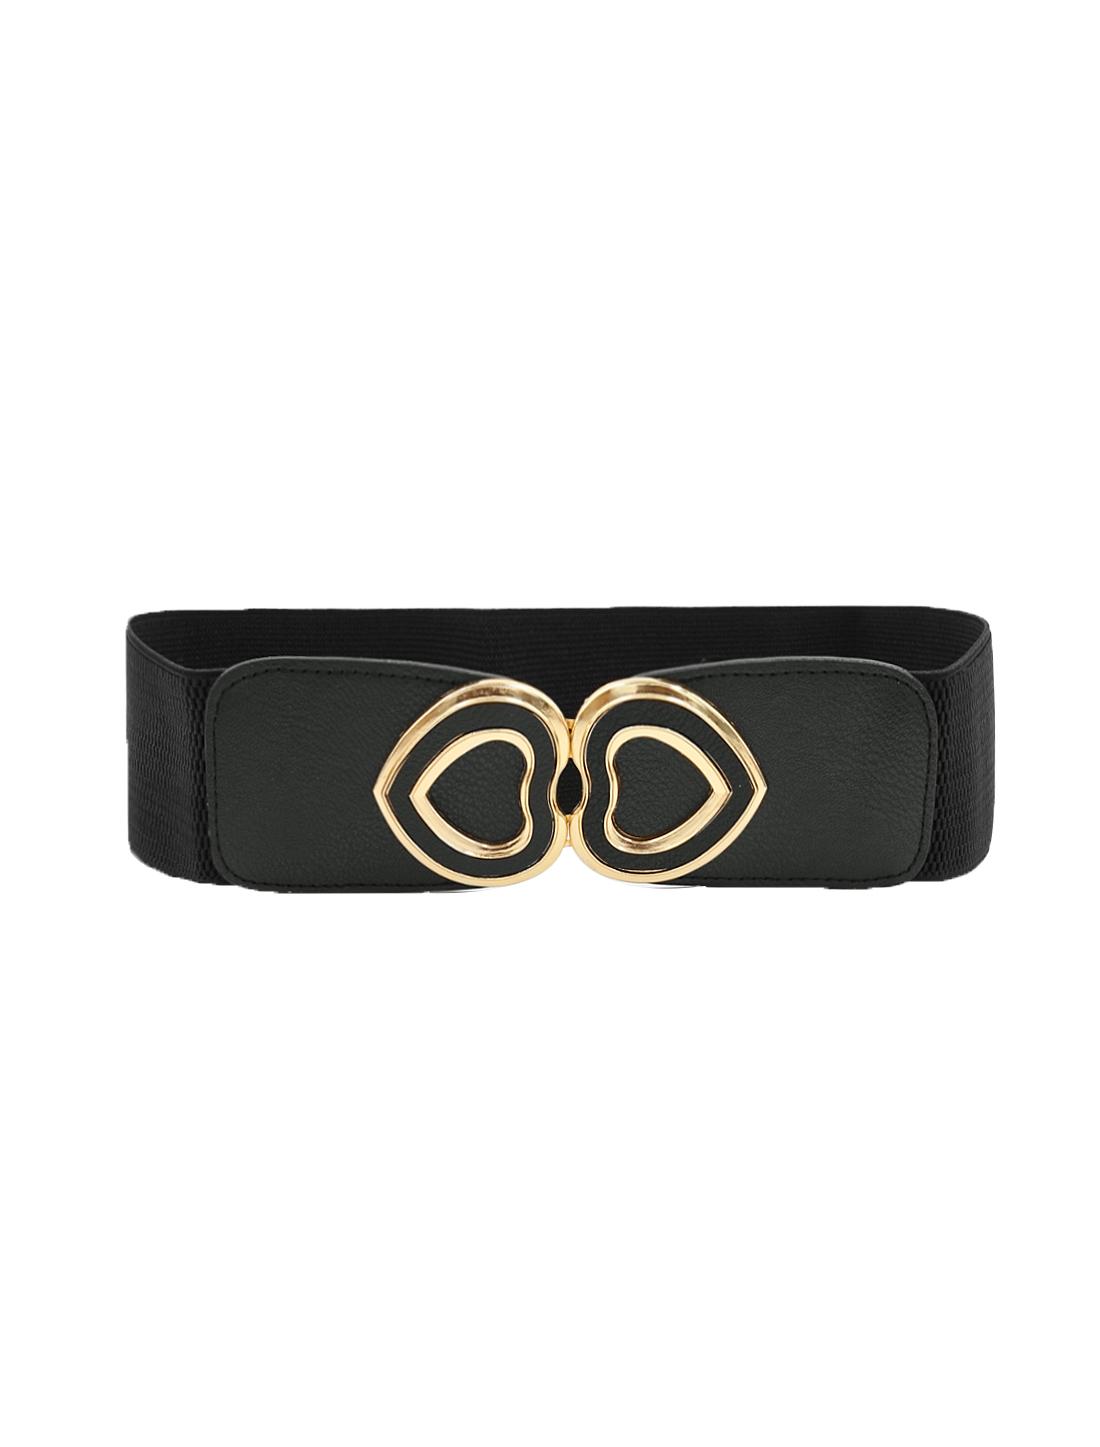 Ladies Stretch Waistband Hearts Waist Belt Black